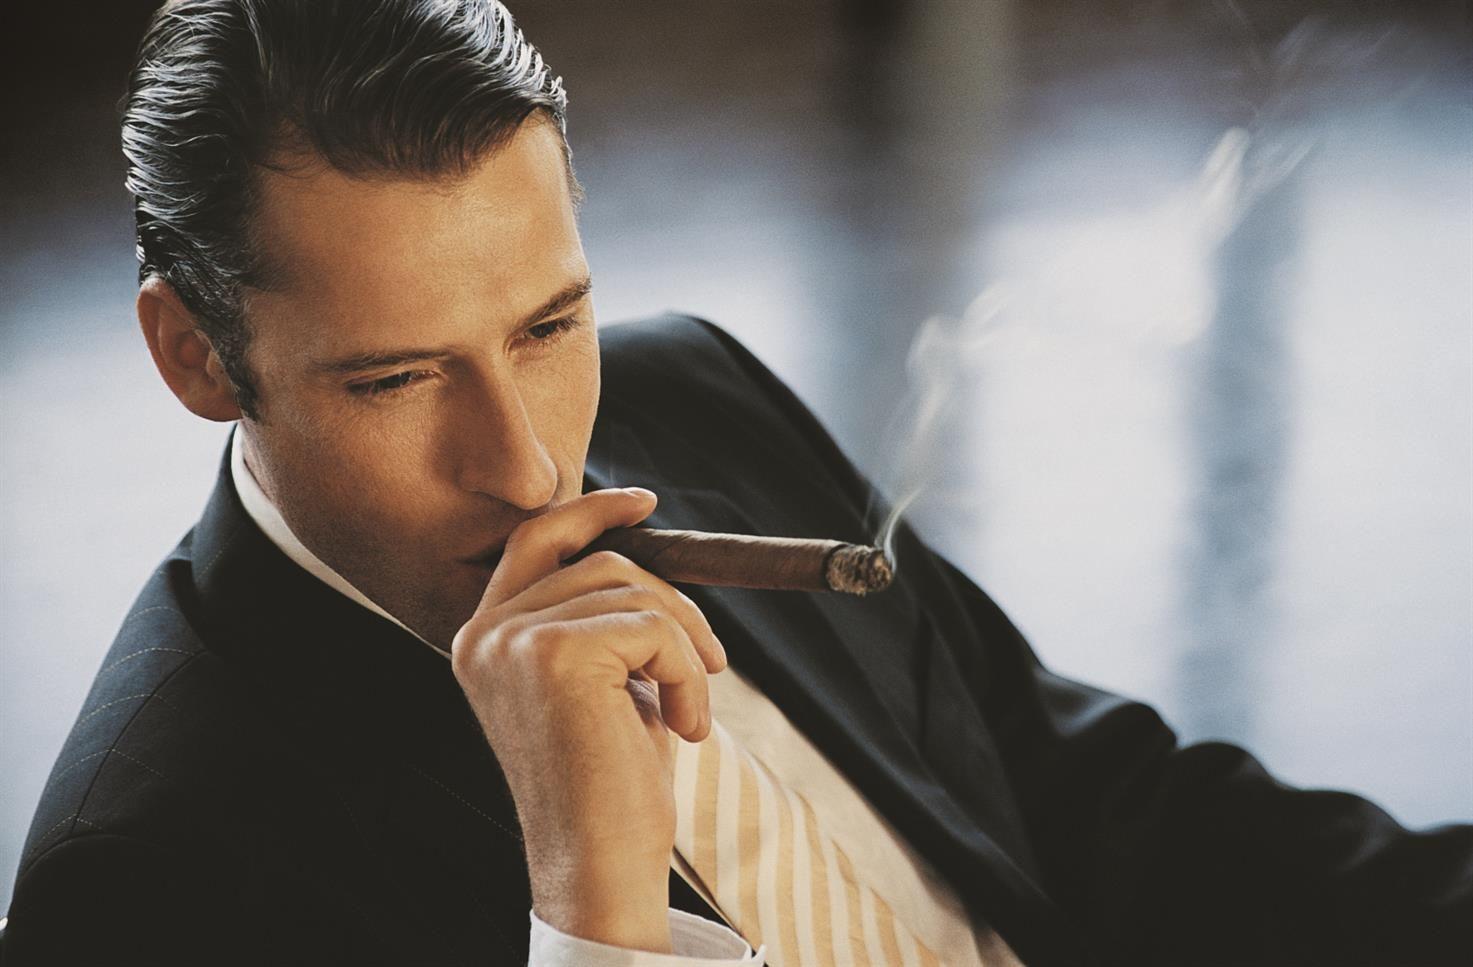 парень с сигарой картинка вокруг головы